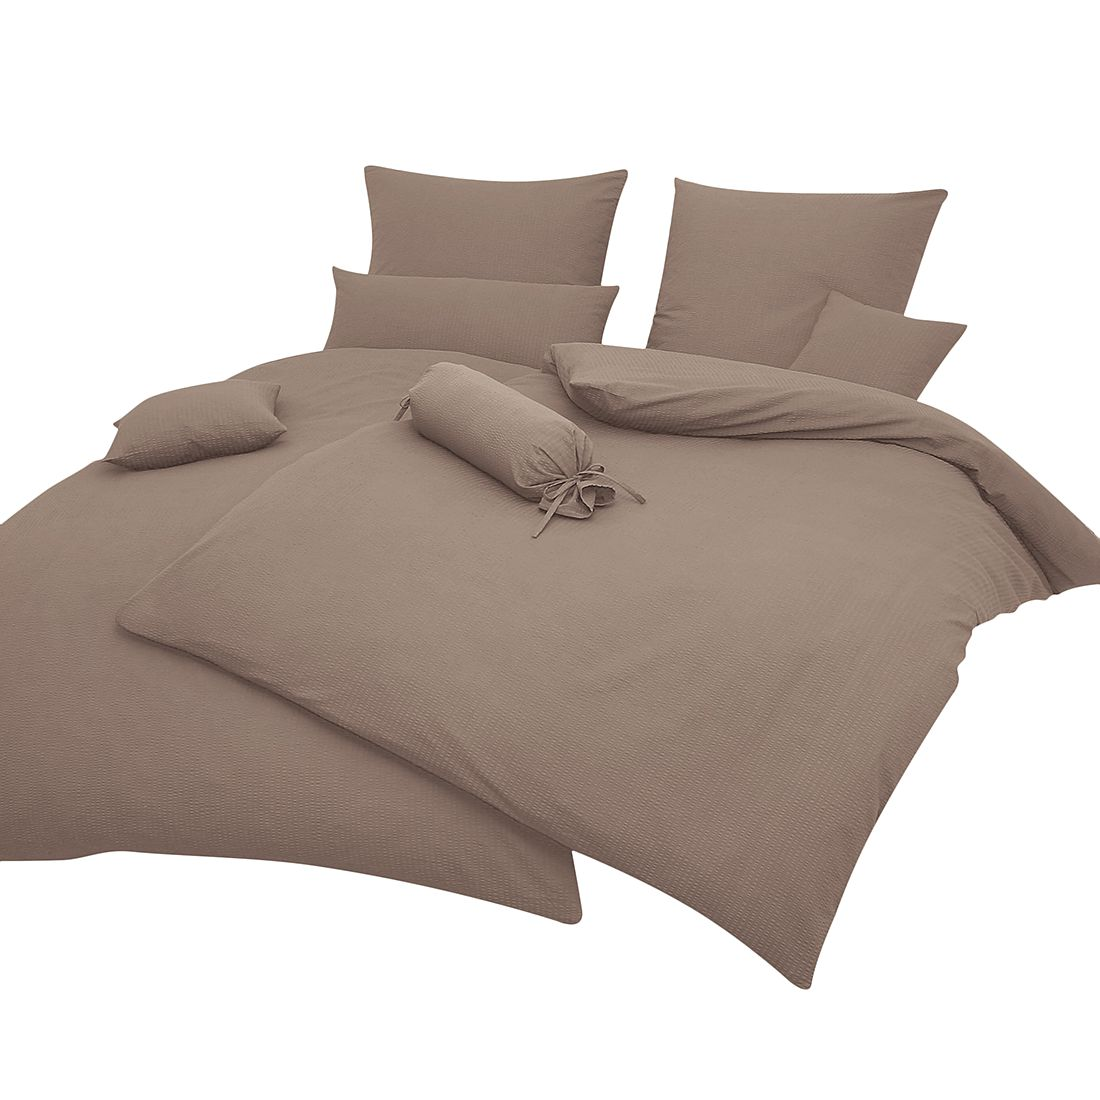 bettw sche uni farben 155 x preis vergleich 2016. Black Bedroom Furniture Sets. Home Design Ideas